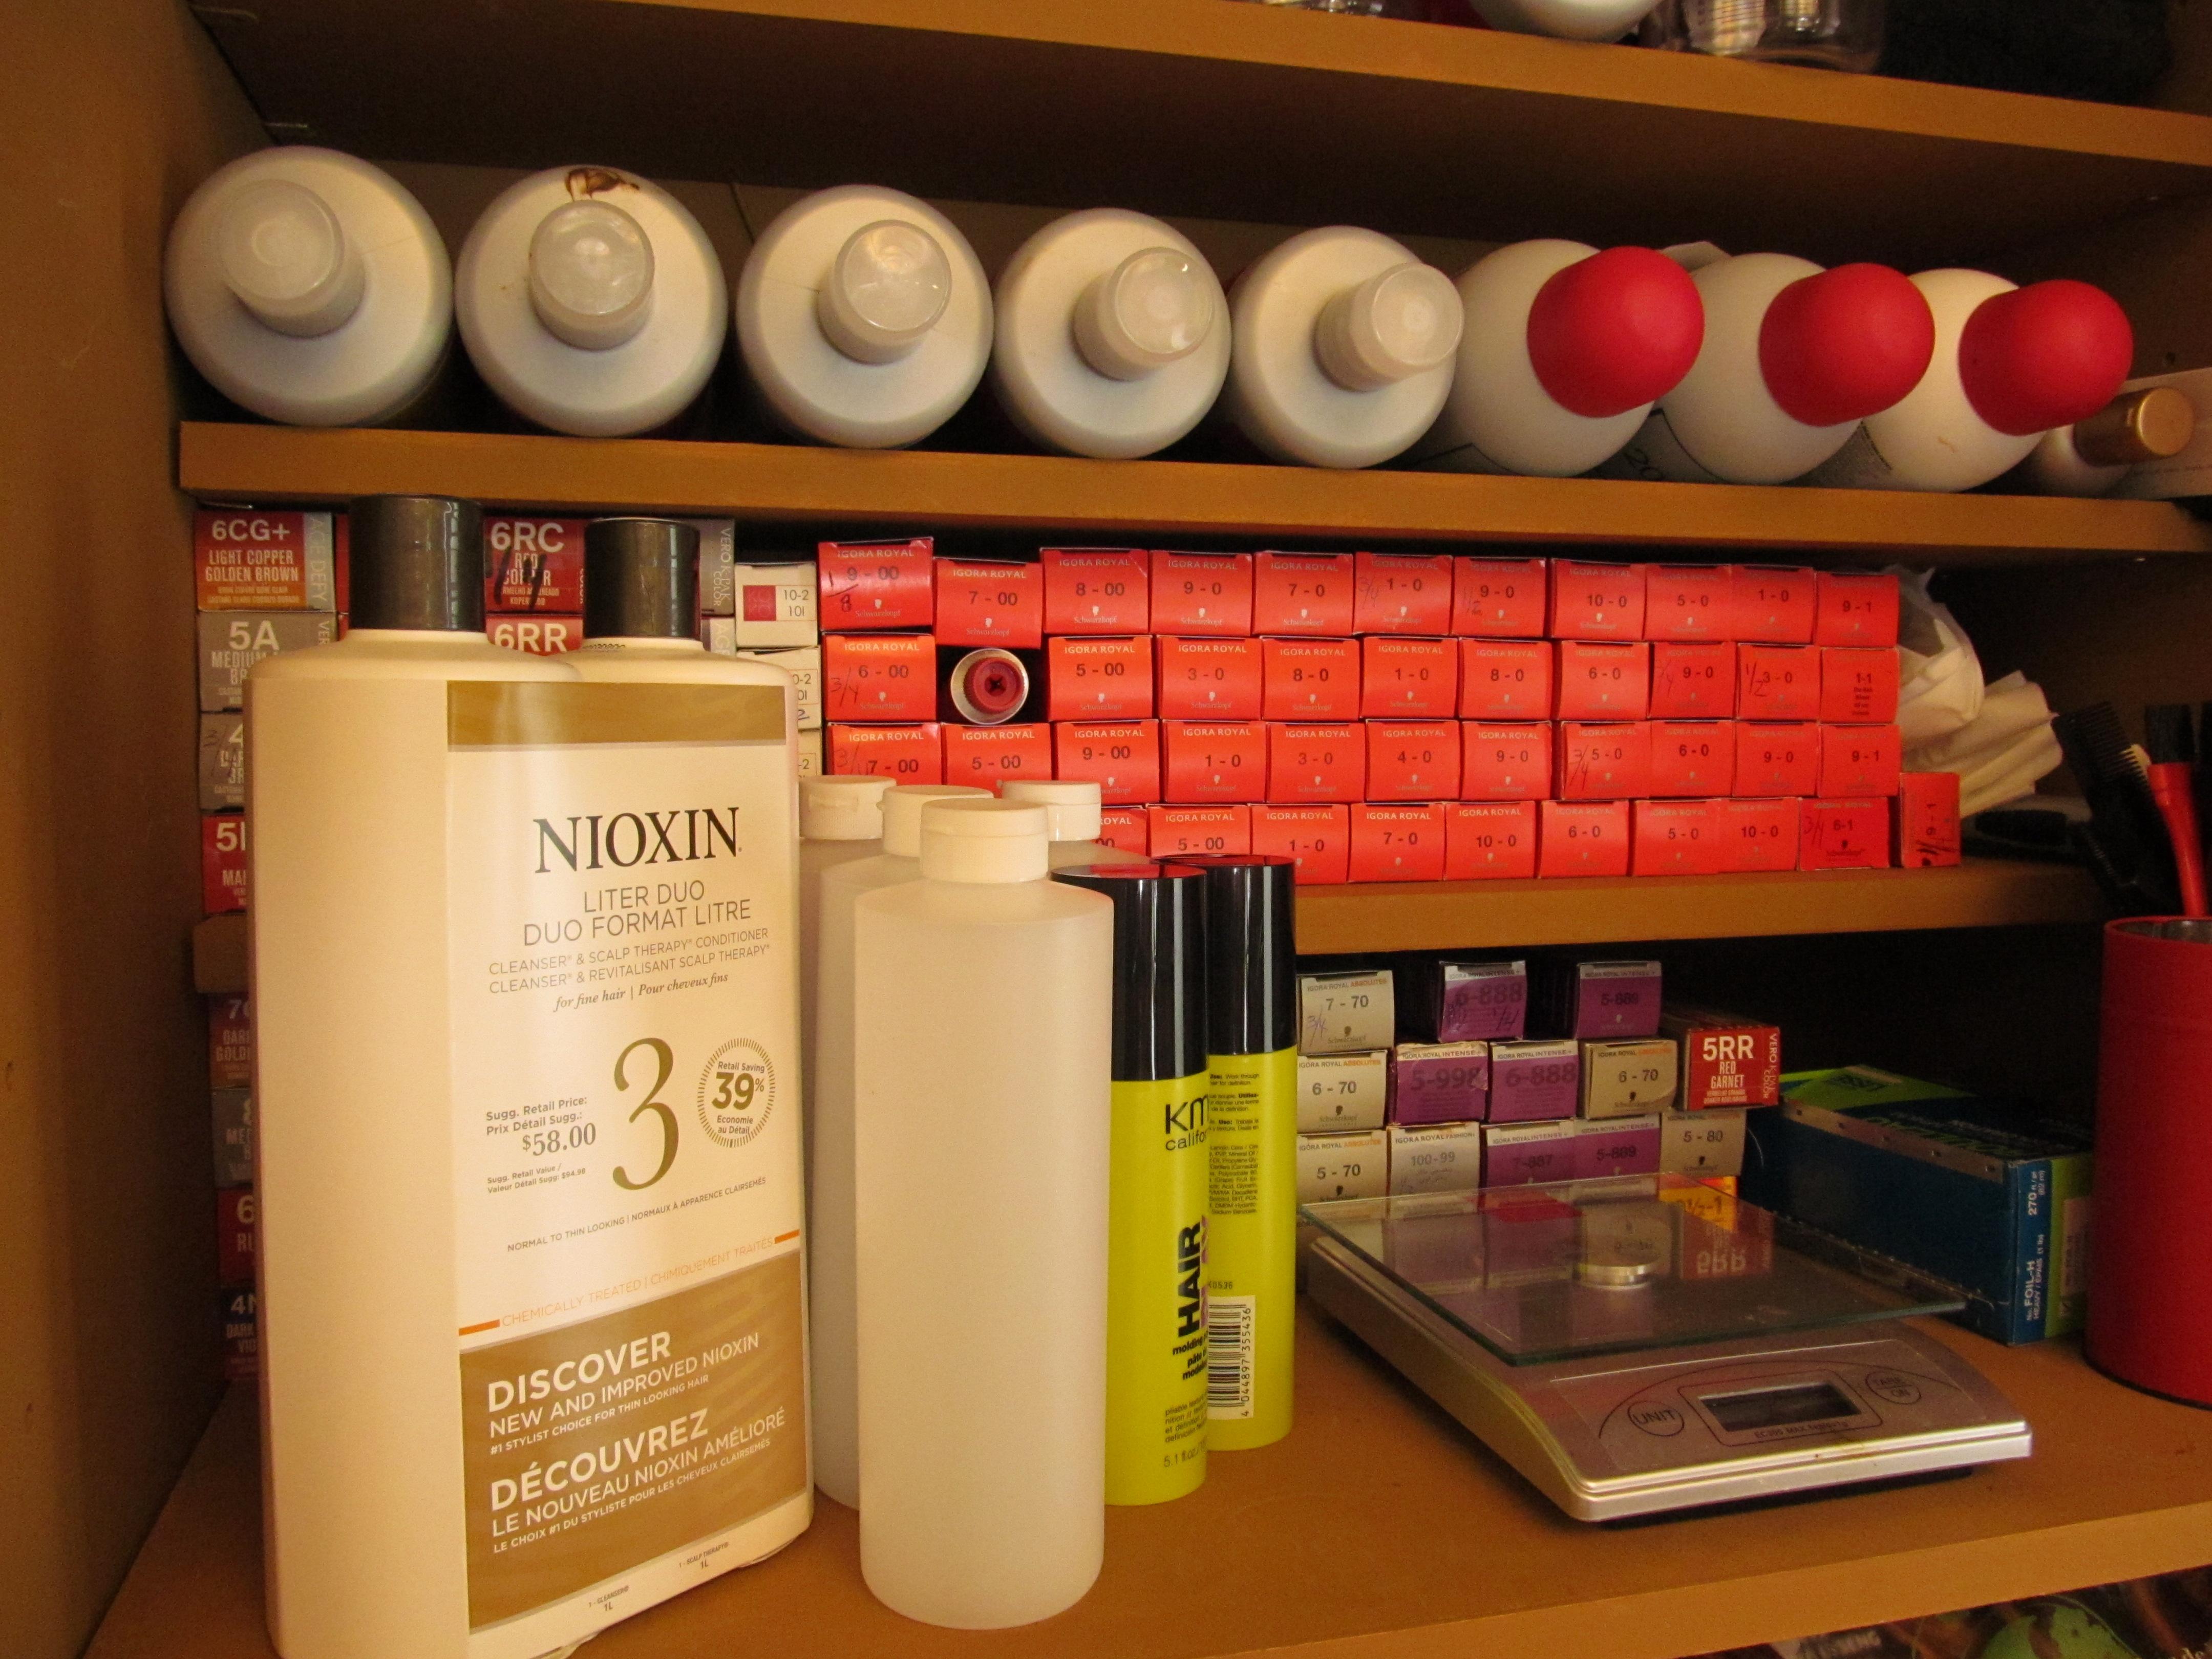 les produits de coiffure utiliss en salon - Coloration Pas Cher Coiffeur